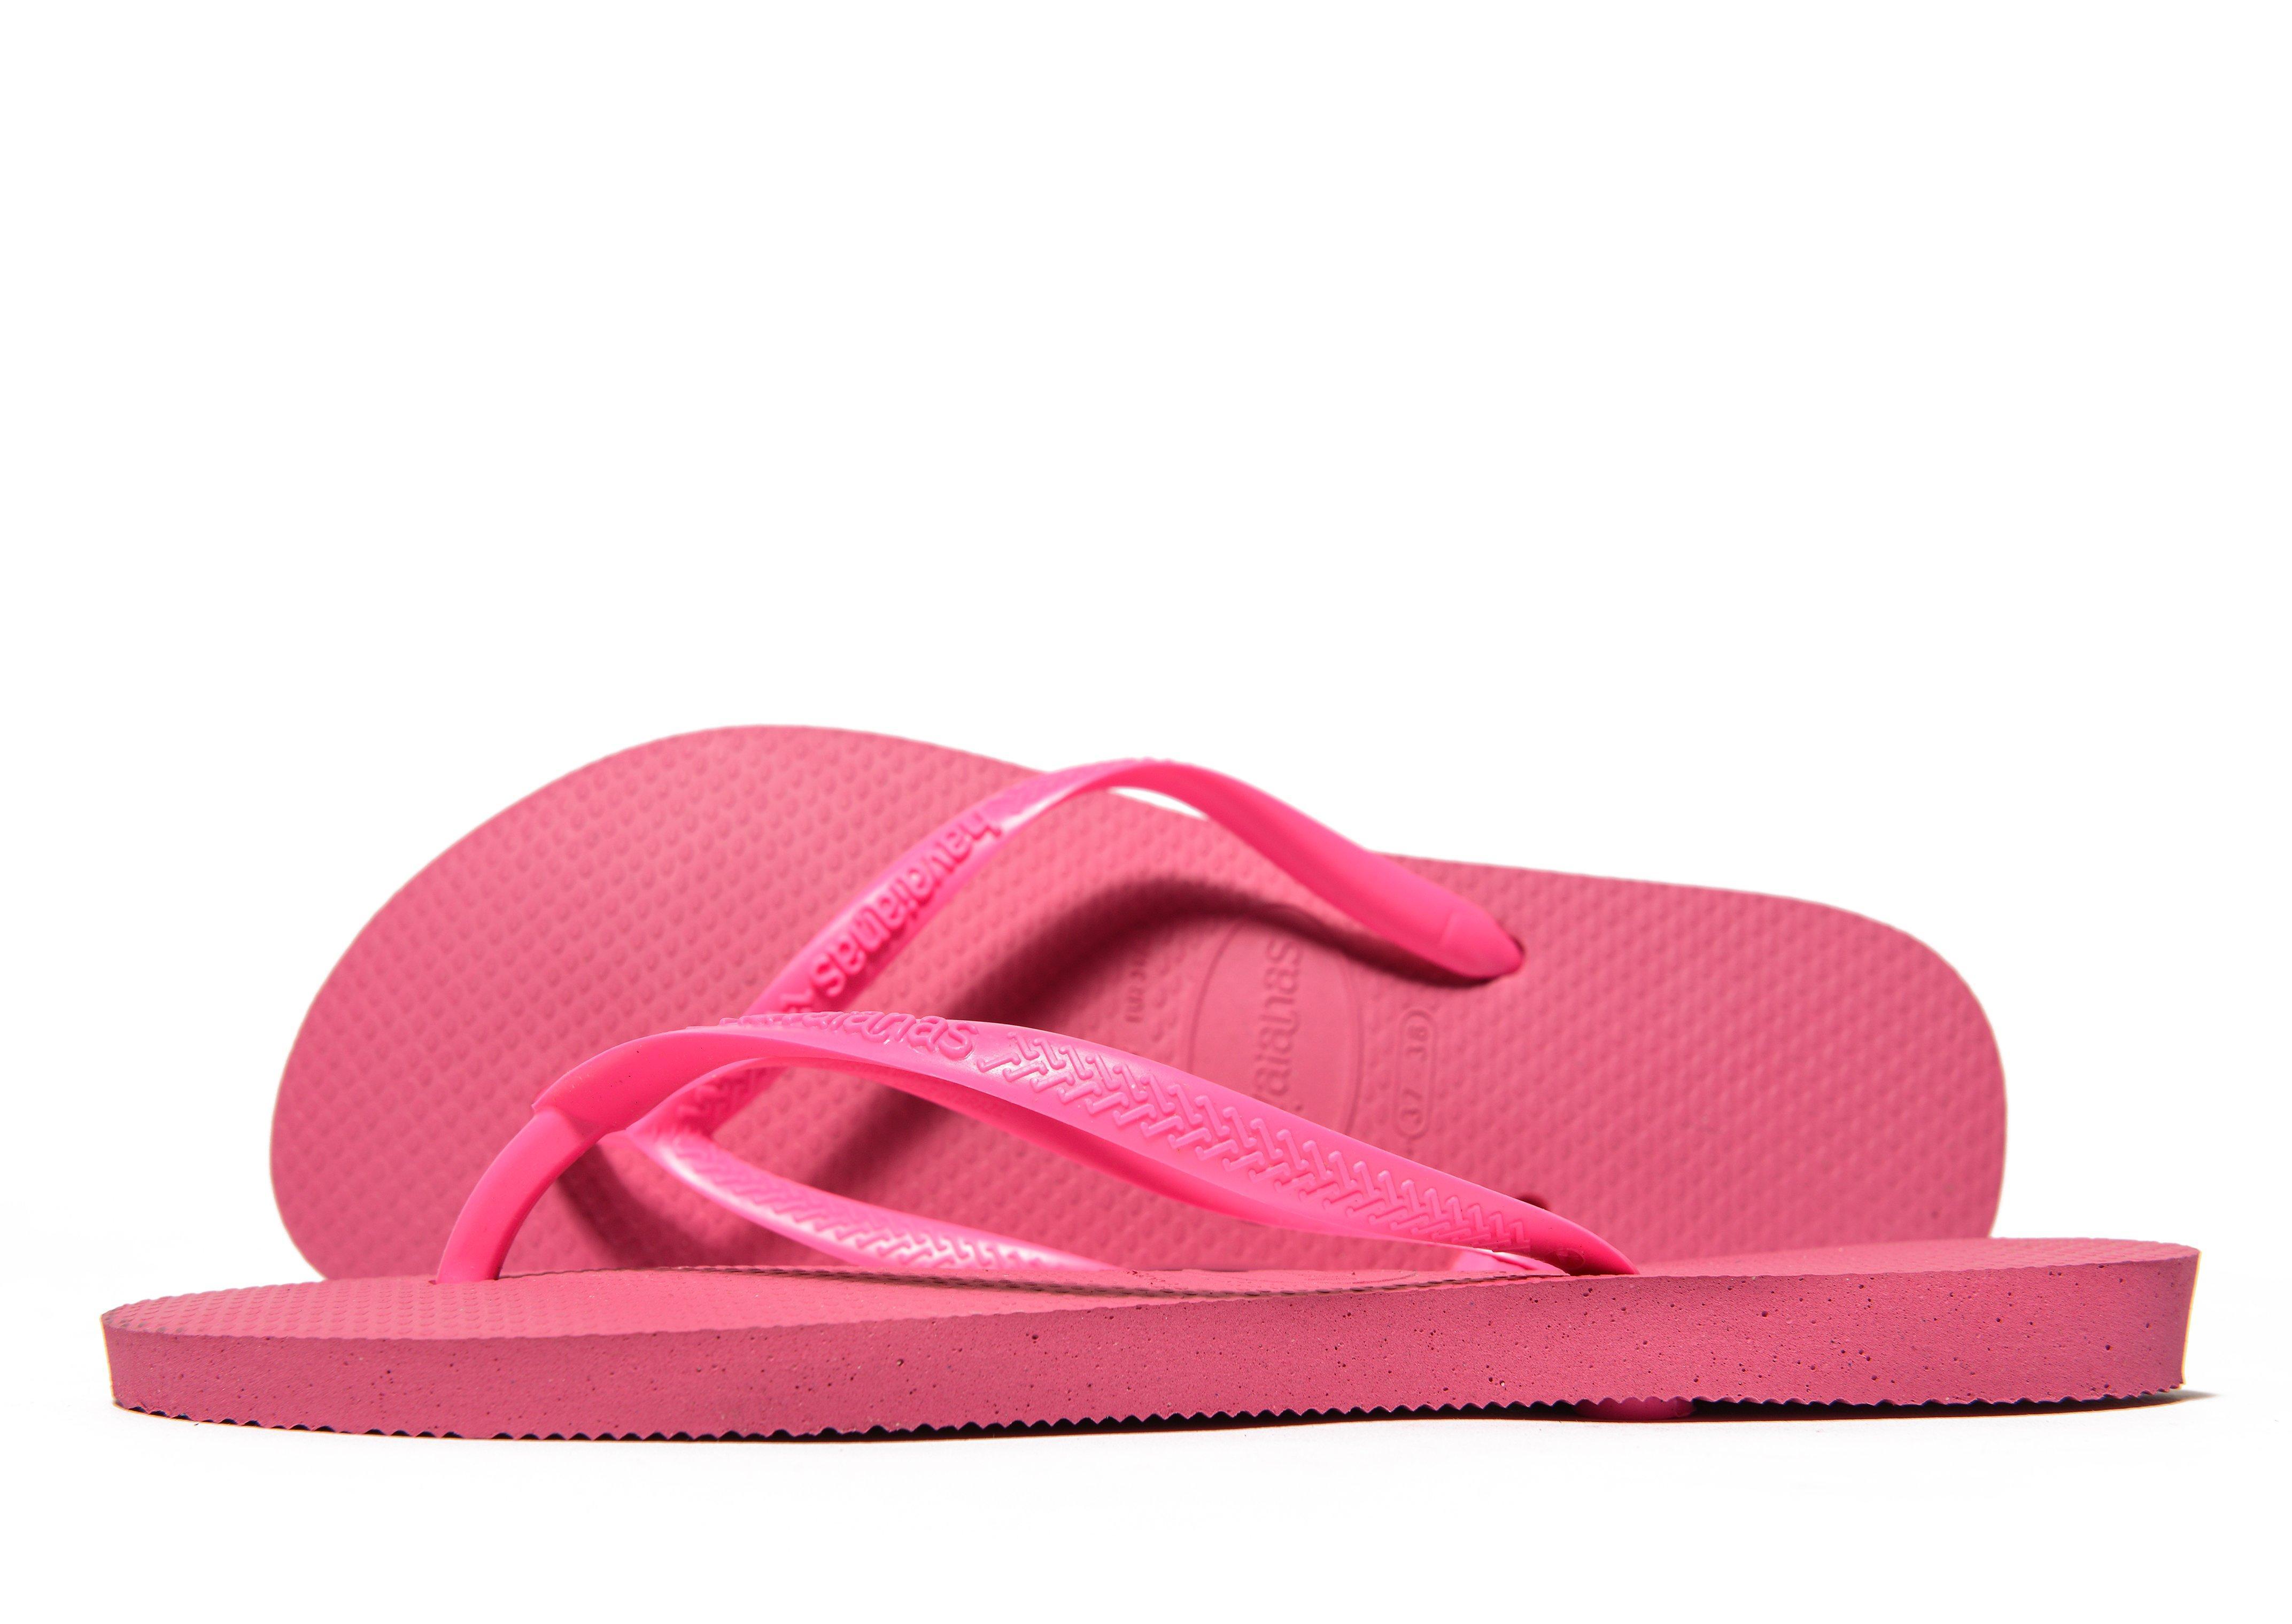 77271b25157f0e Lyst - Havaianas Slim Flip Flops in Pink